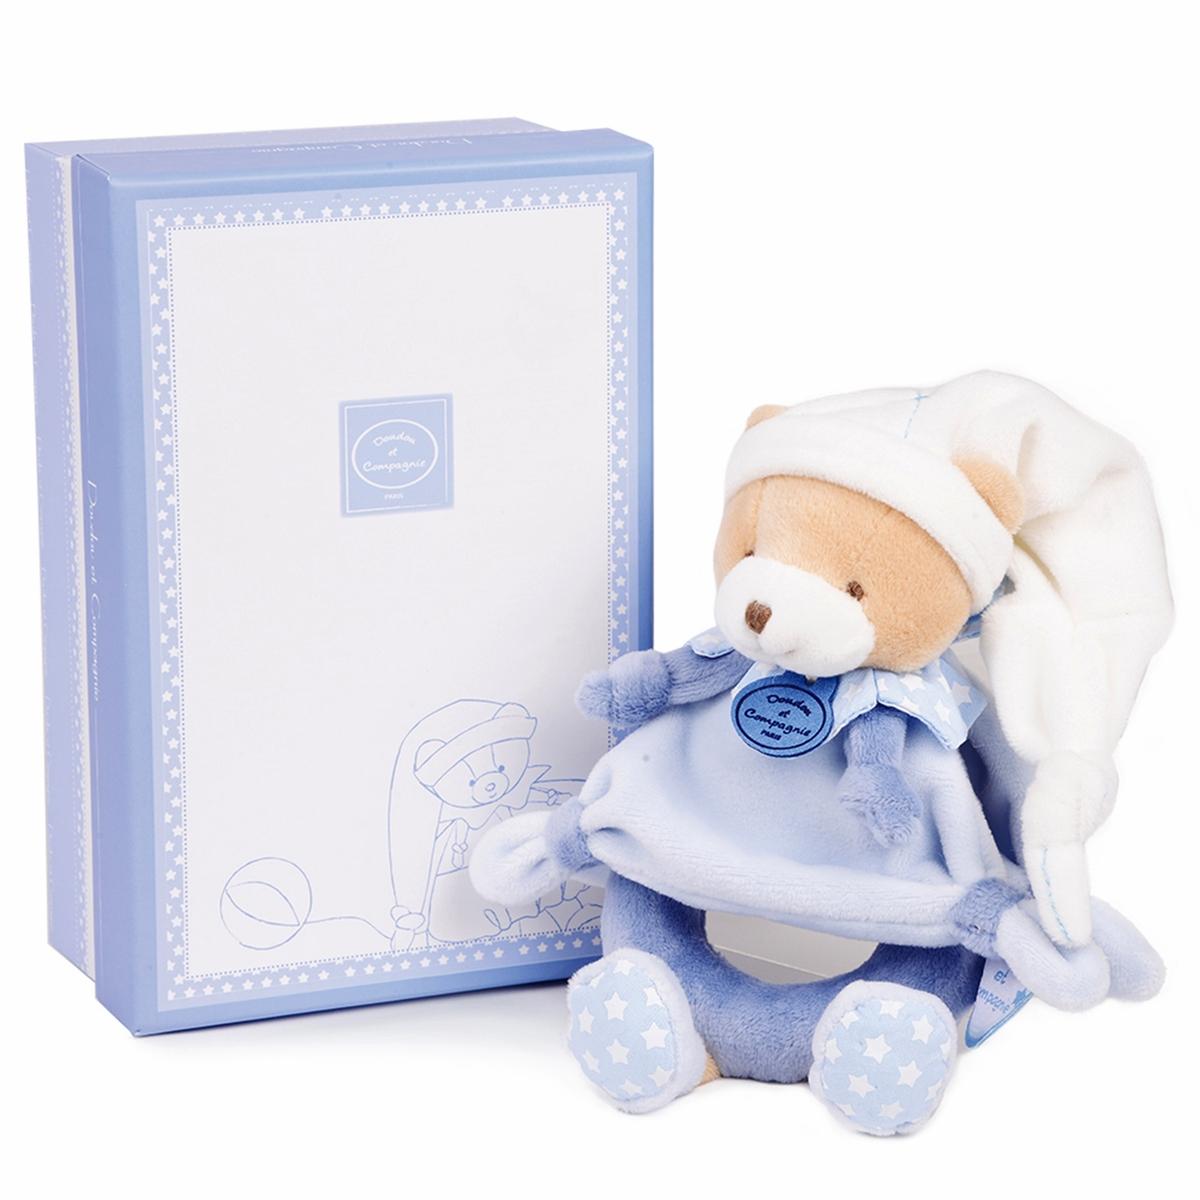 Piccolo Chou orso sonaglio 19cm - DC2713